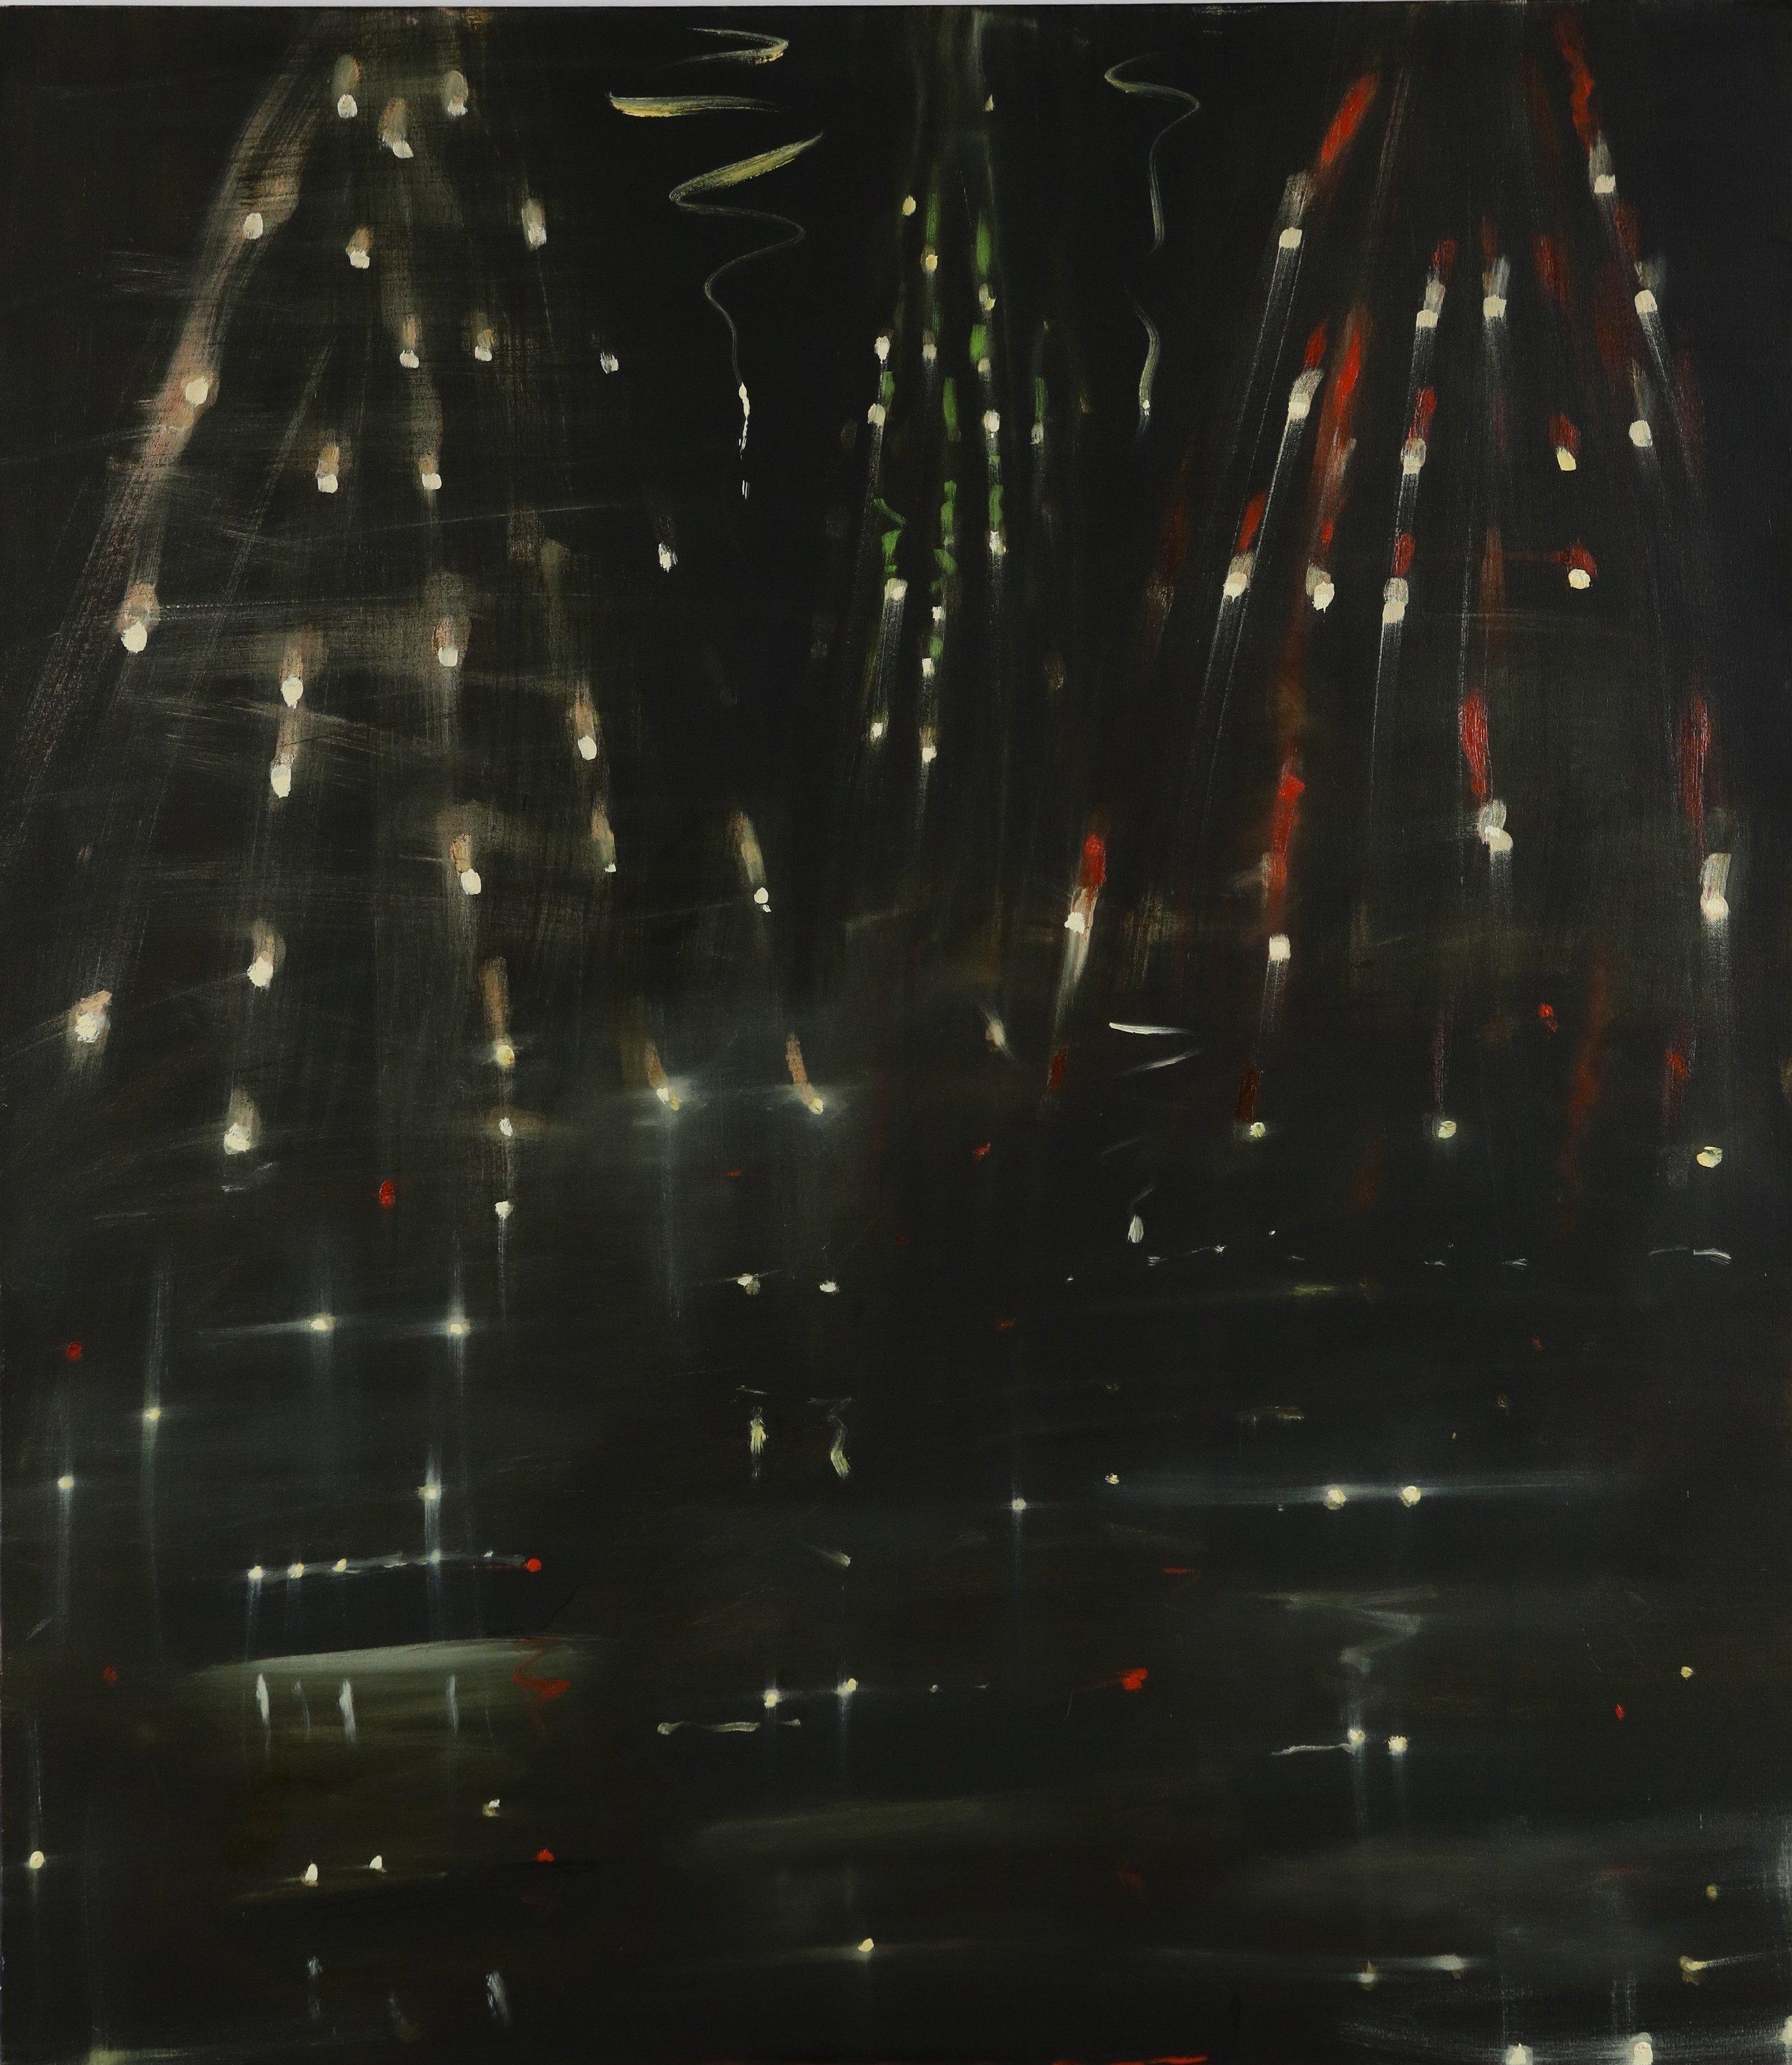 Kathryn Lynch  Fireworks  oil on canvas 48 x 42 in.